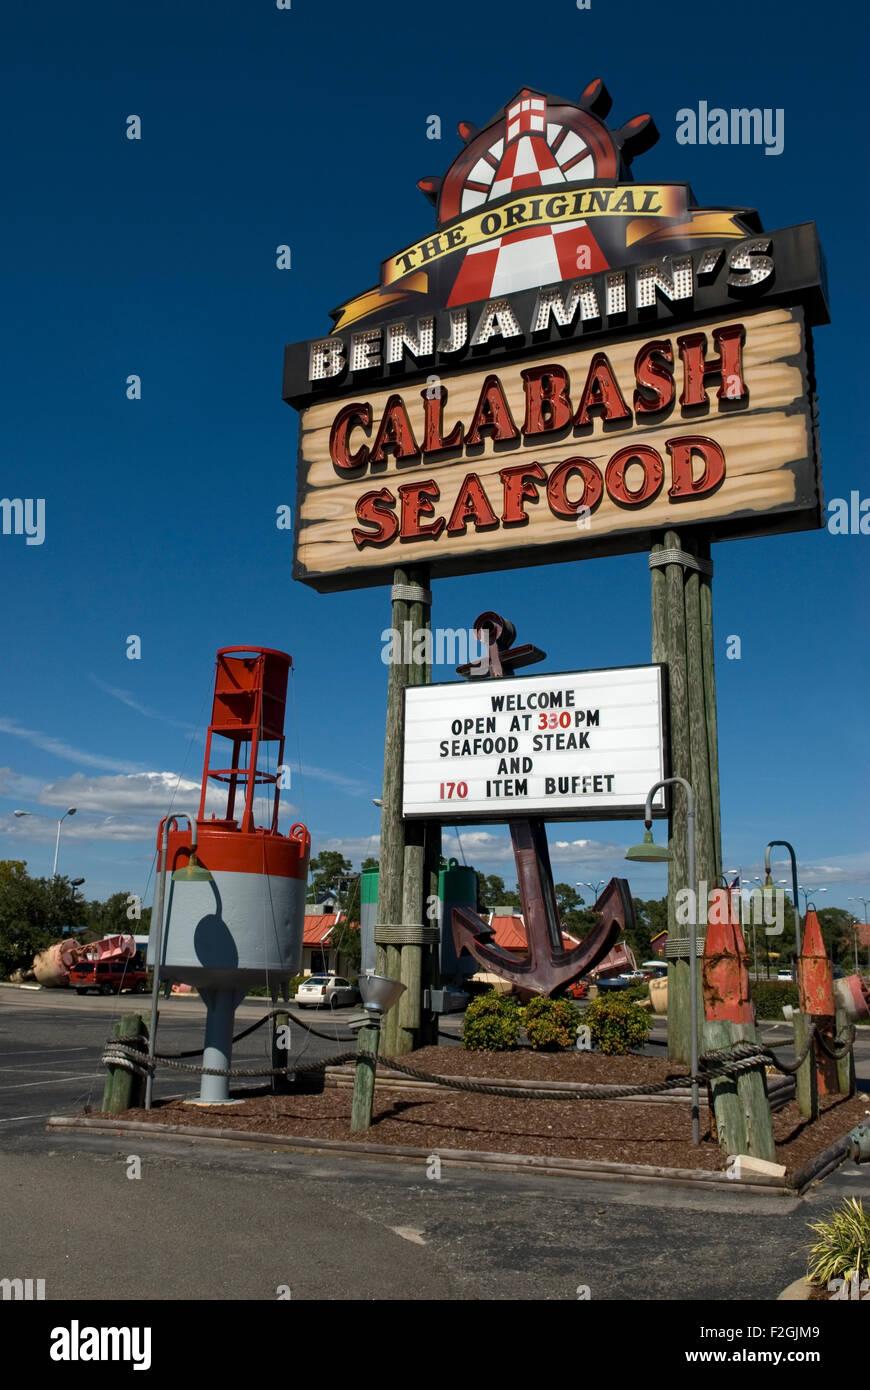 Calabash Seafood Restaurant Myrtle Beach